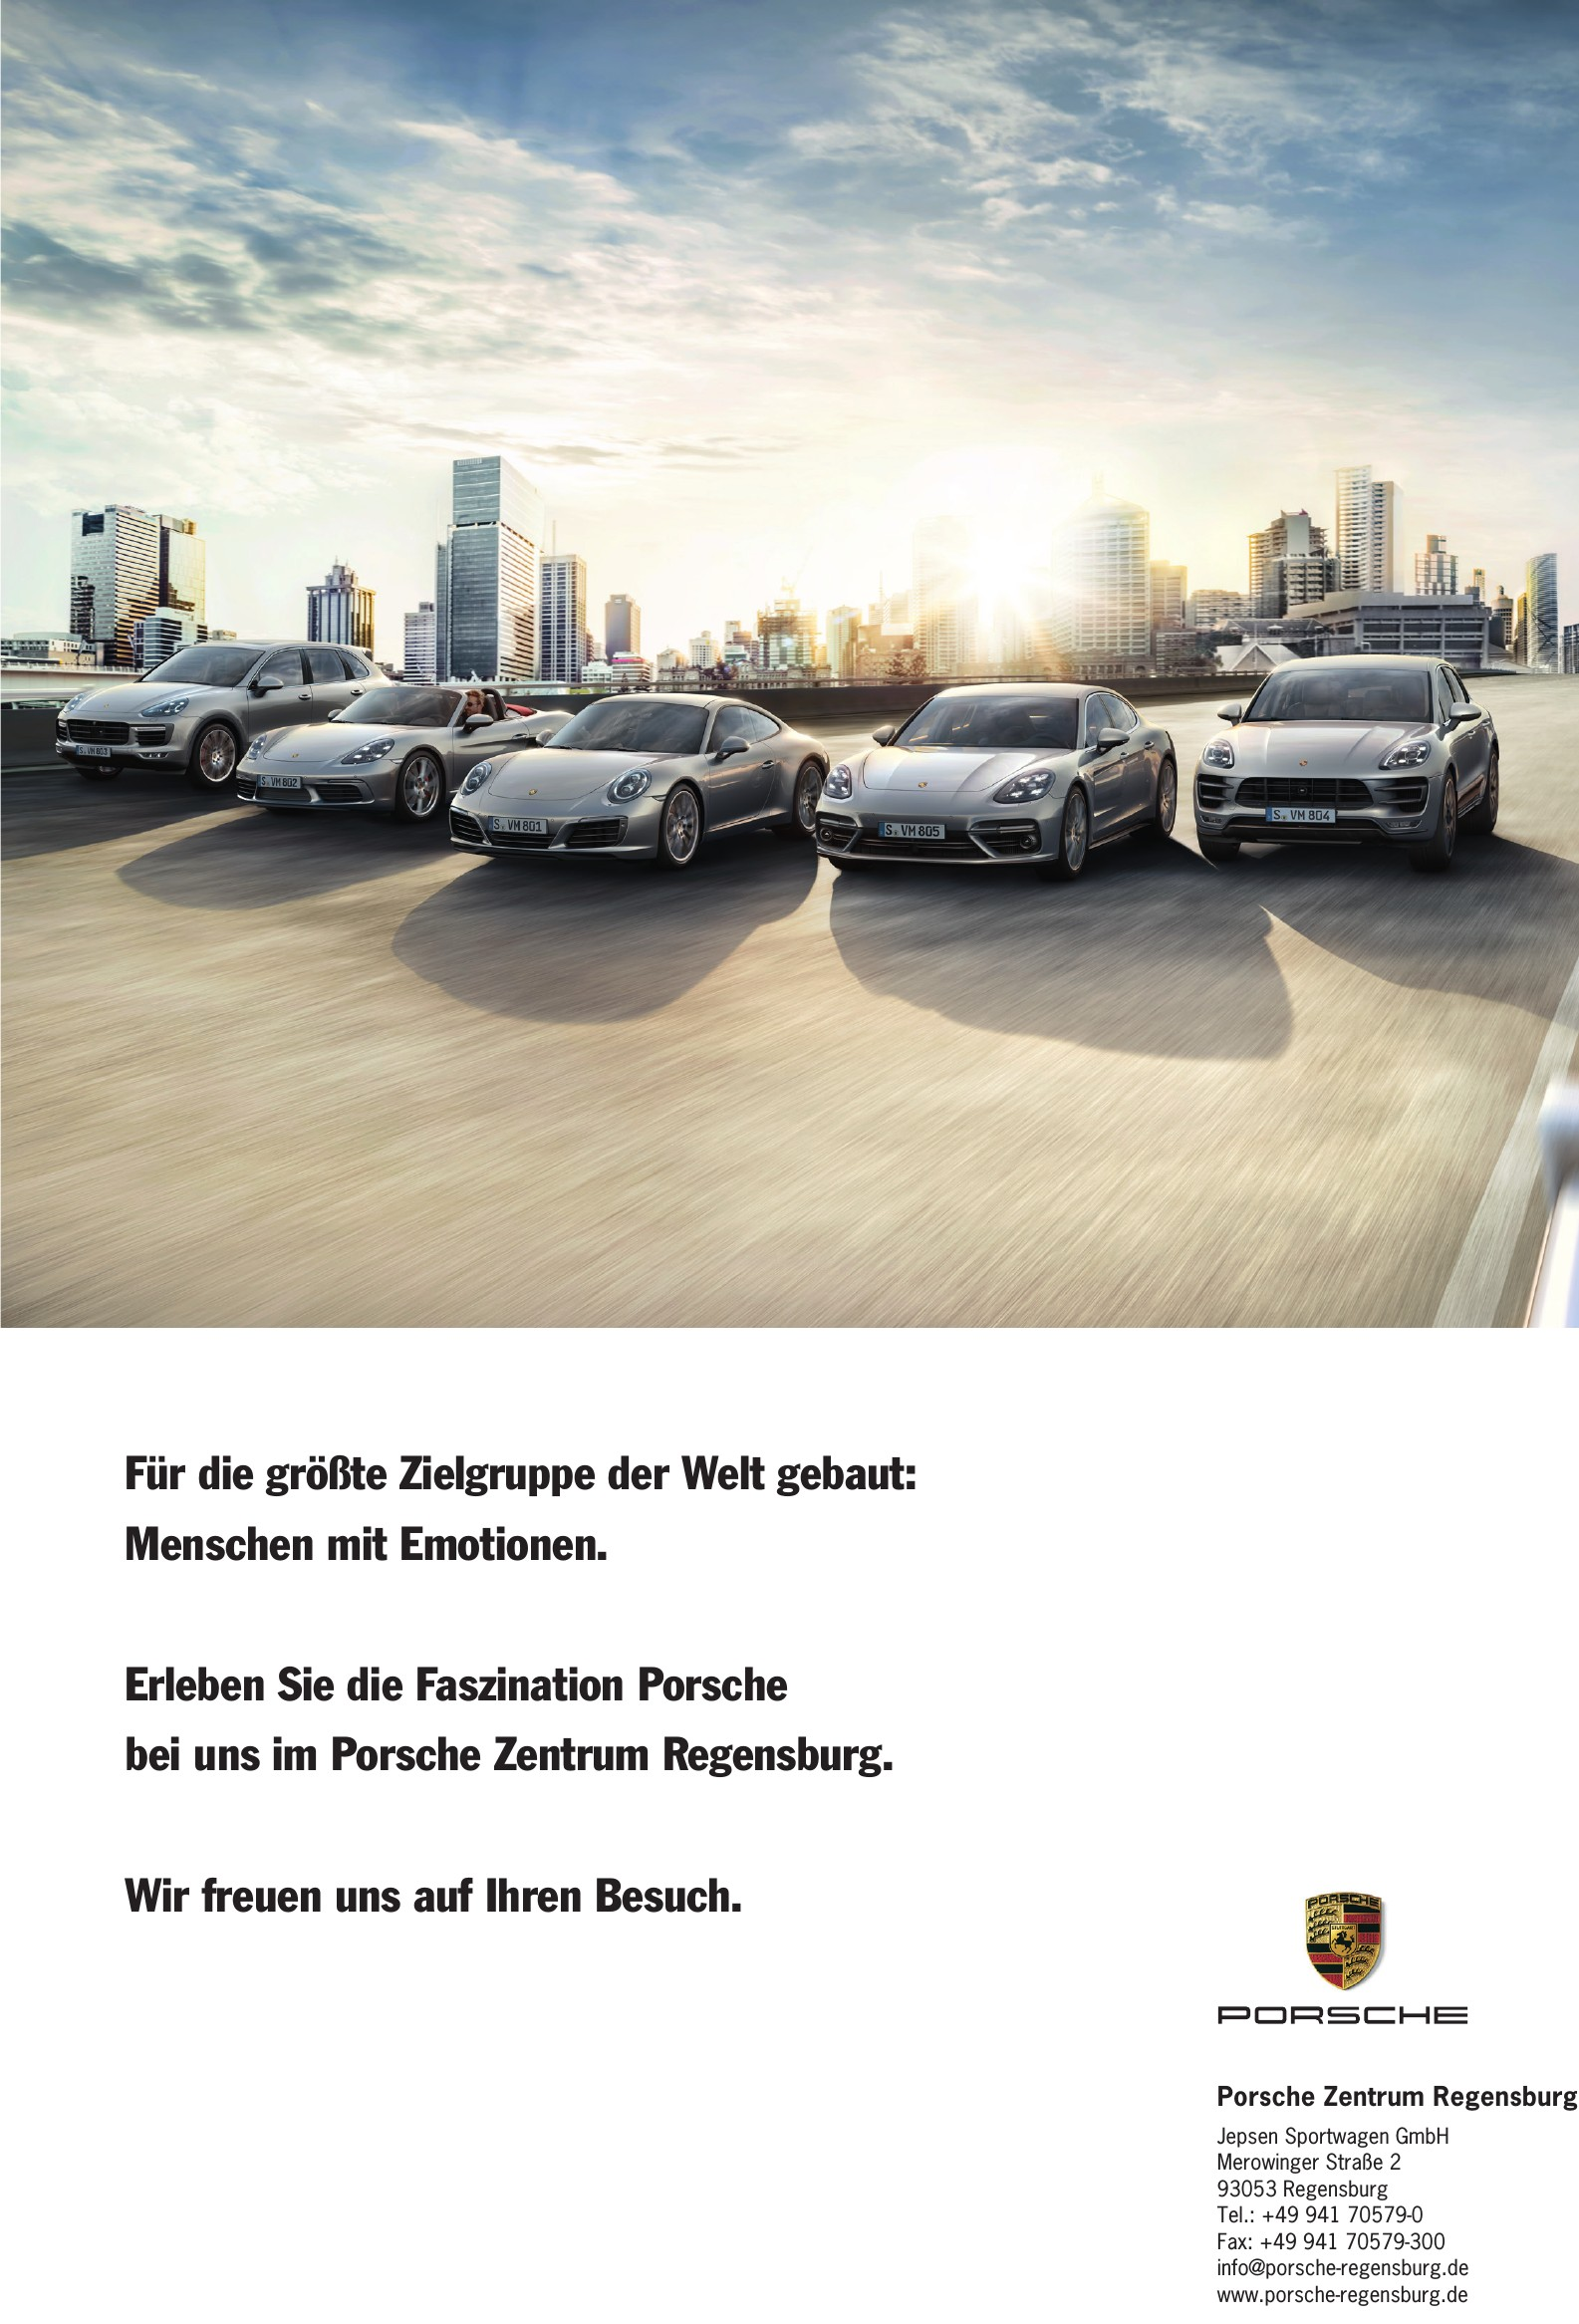 Porsche Zentrum Regensburg